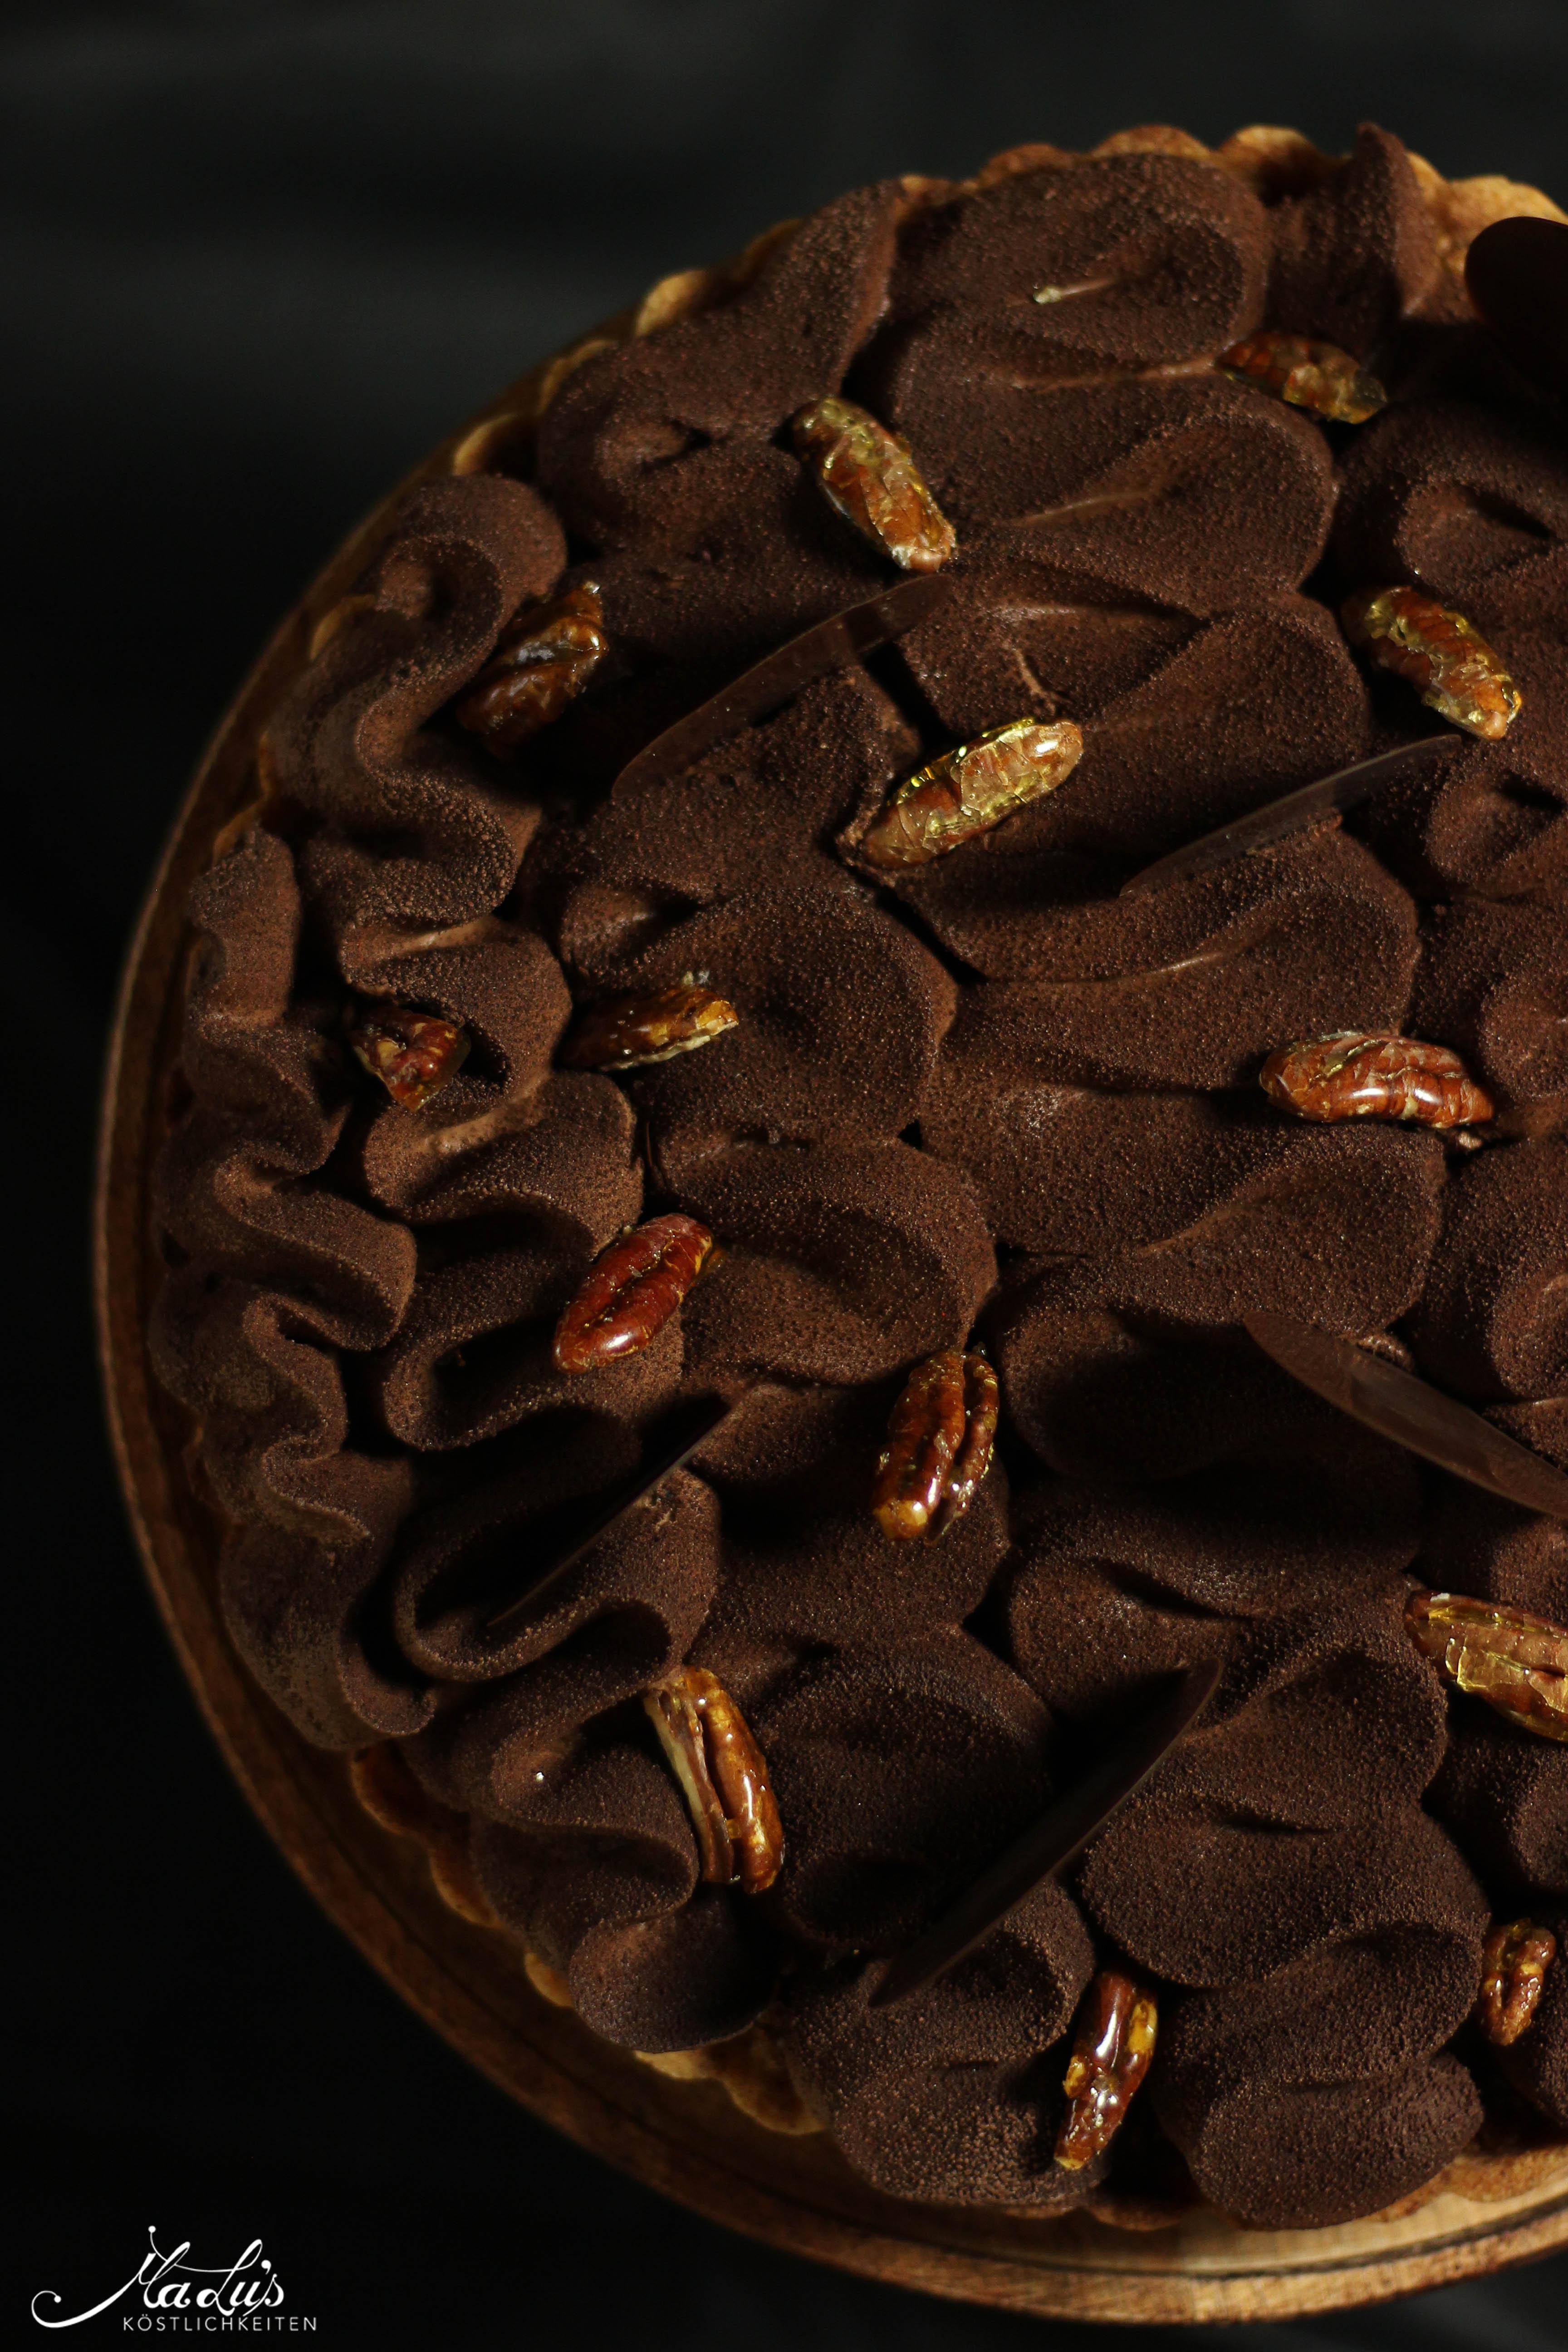 schokoladen-vanilletarte-mit-karamellisierten-pekannu%cc%88ssen-2